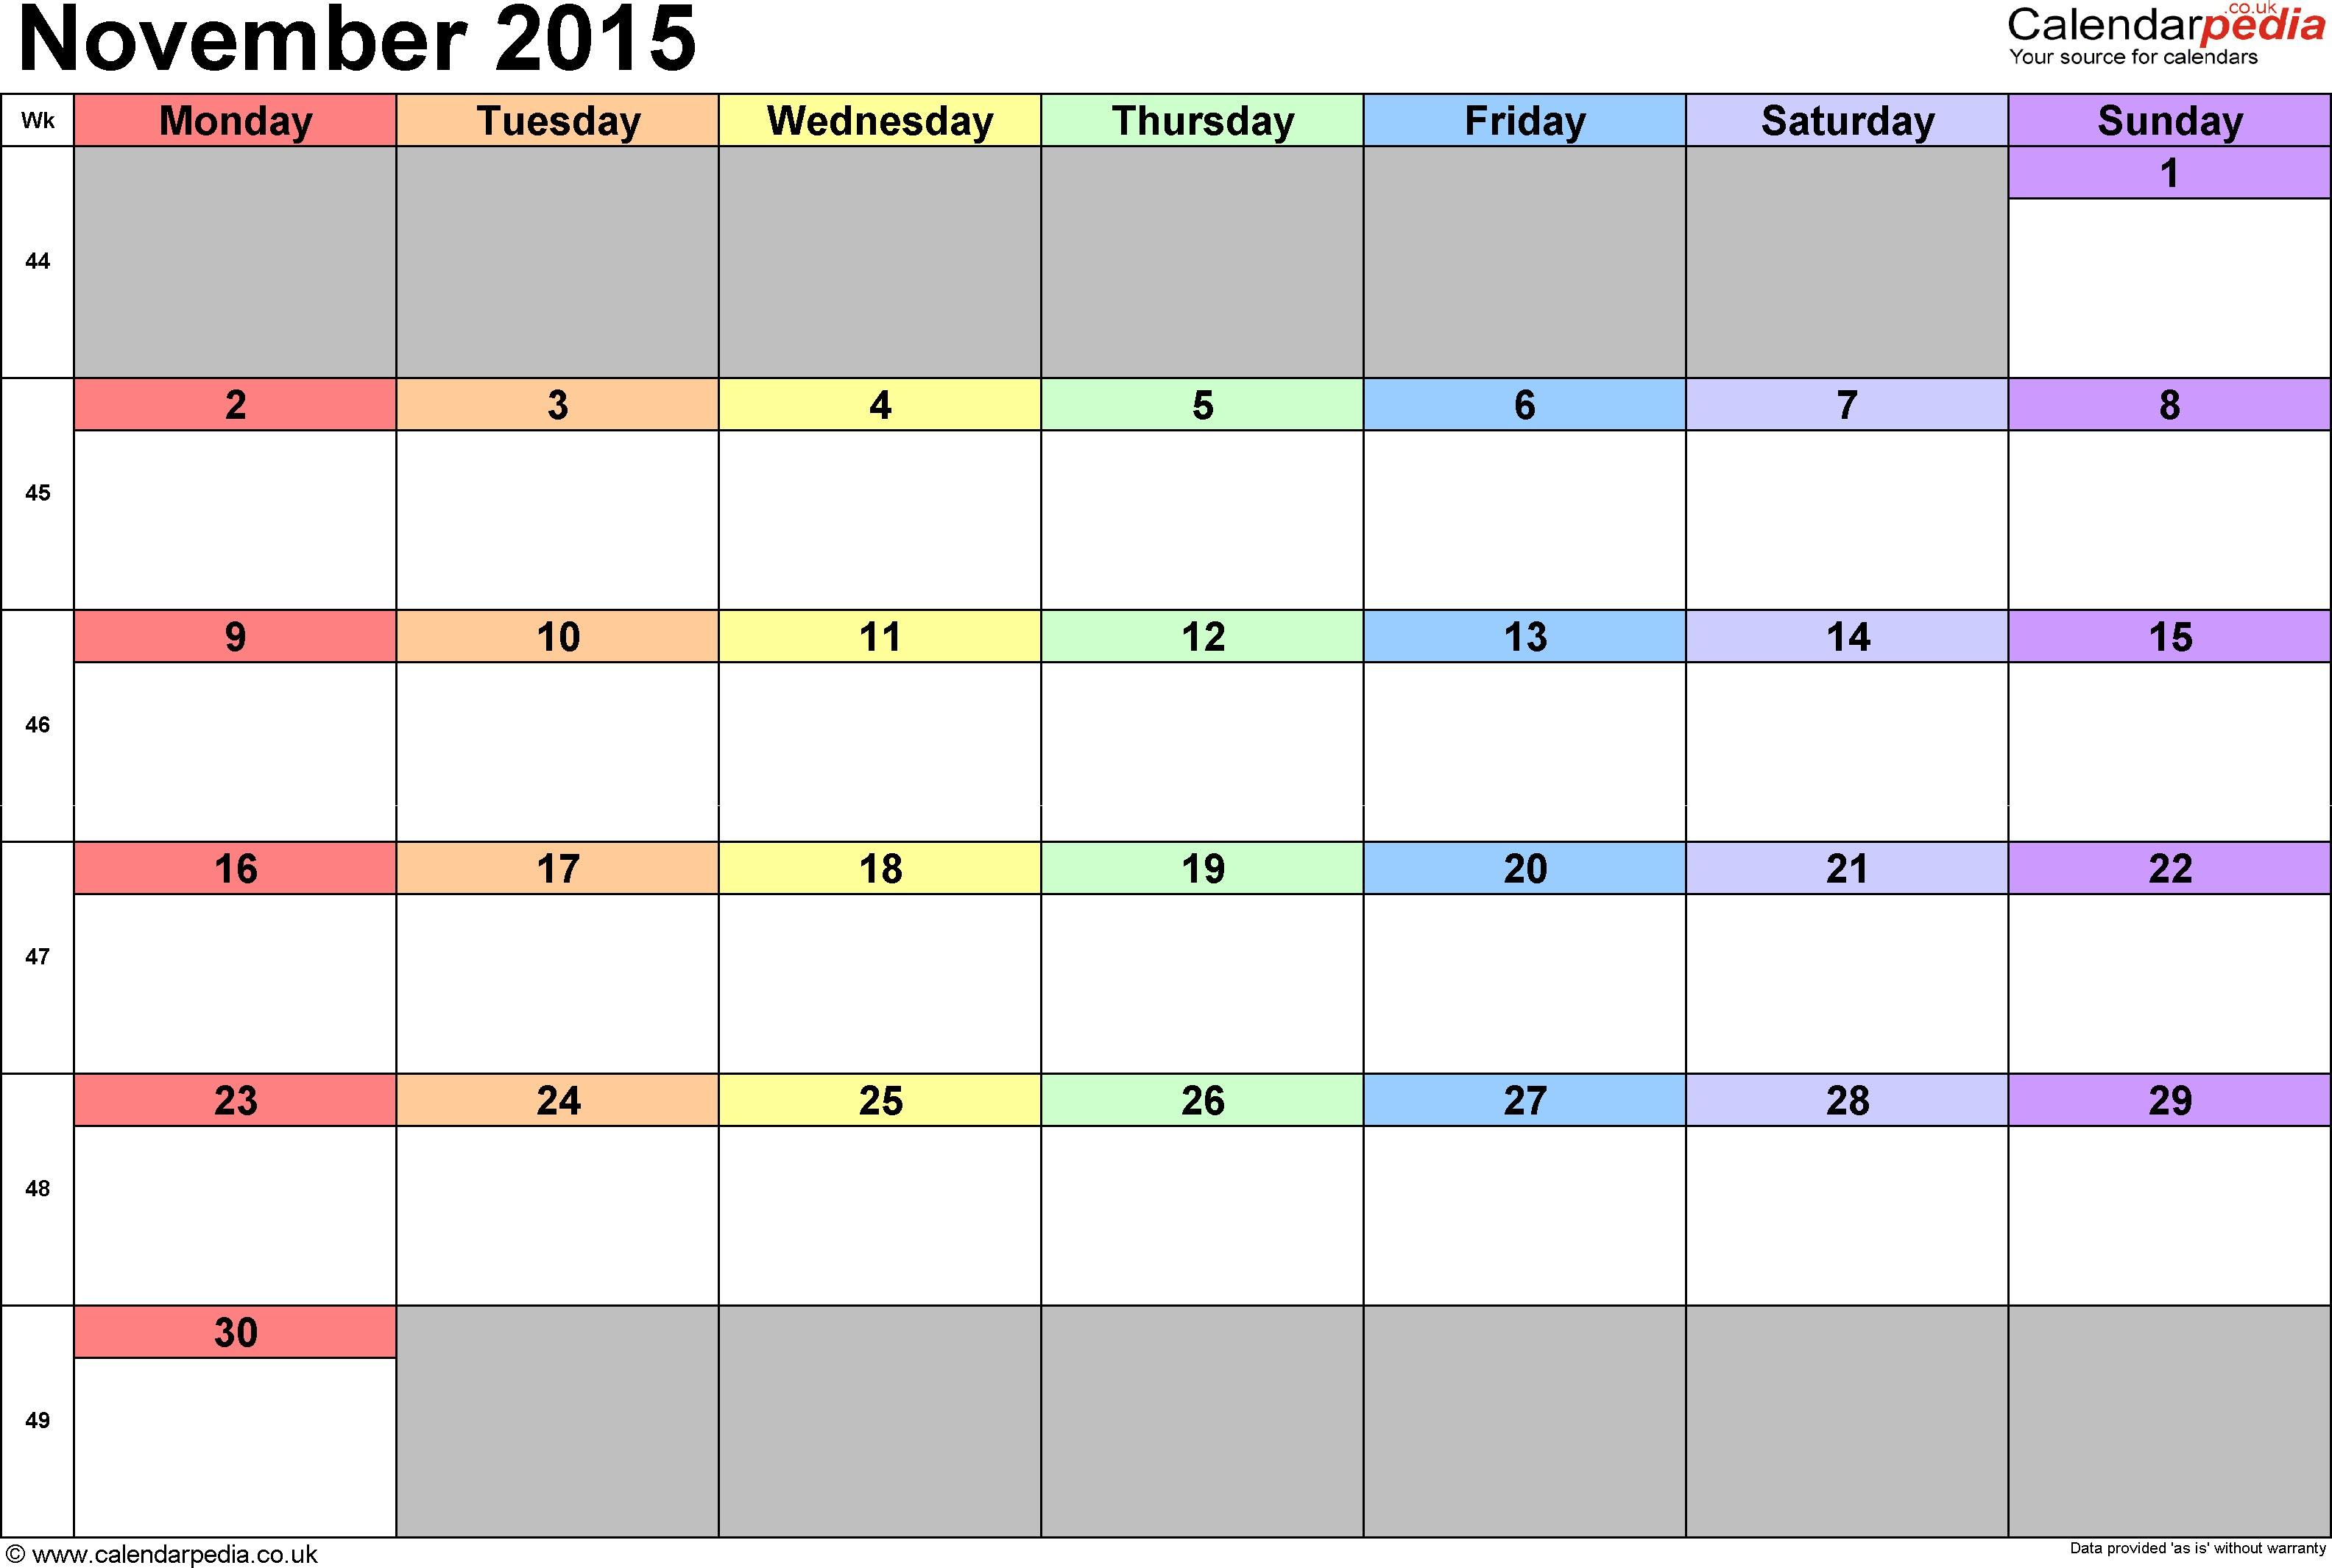 Imprimir Calendario En Word Más Recientes Calendar November 2015 with Holidays Kordurorddiner Of Imprimir Calendario En Word Más Actual Juillet 2018 Calendrier Imprimable Gratuit